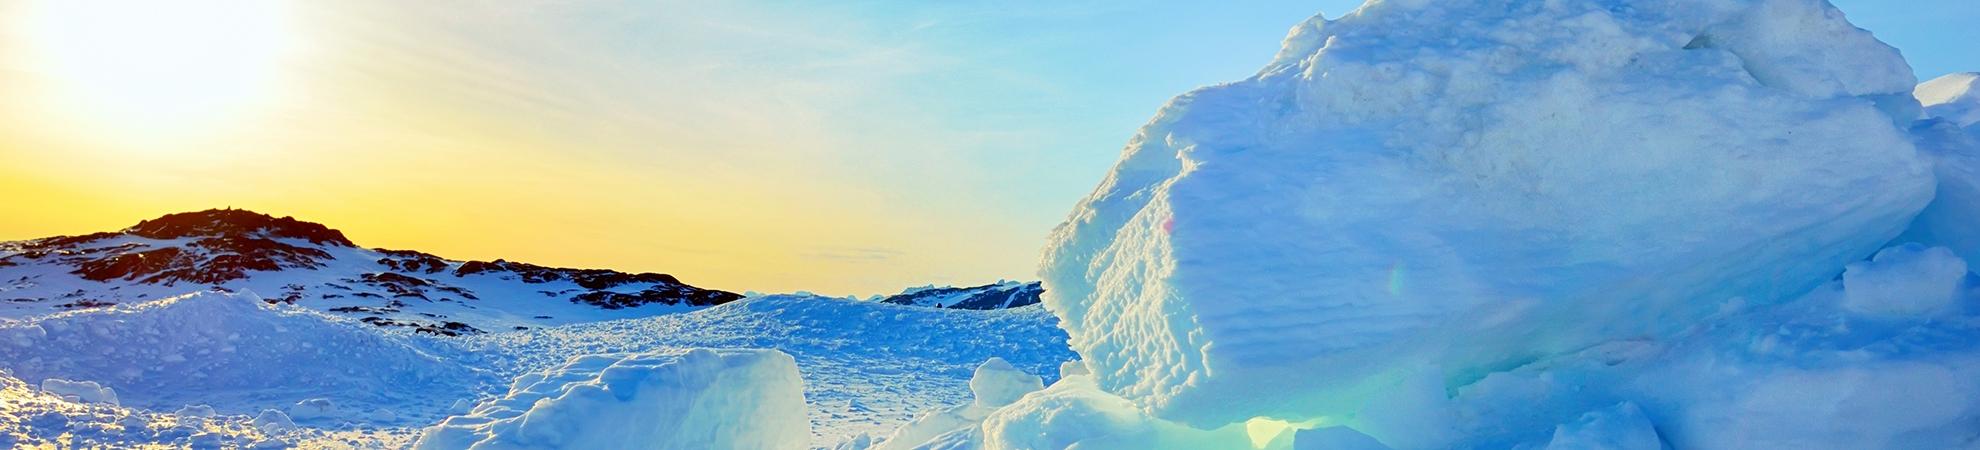 Fiche pays Groenland